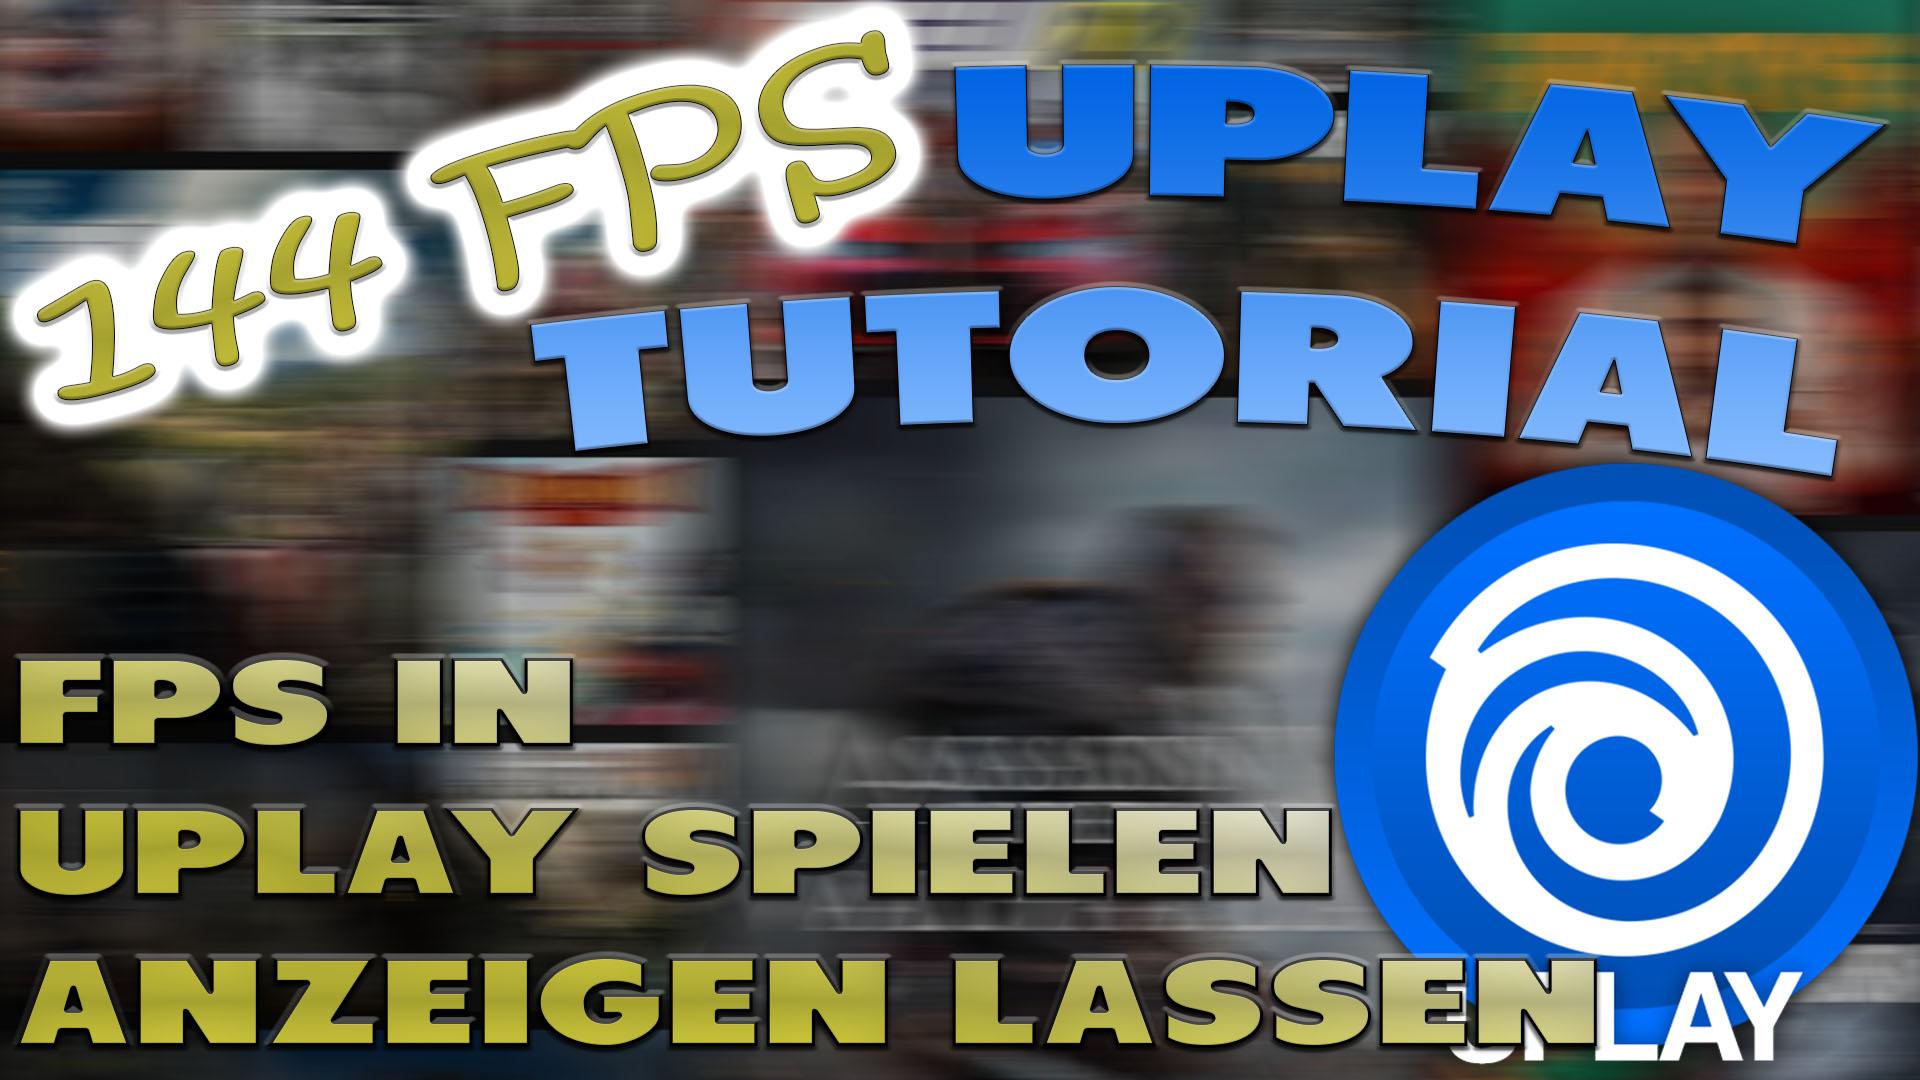 FPS in Uplay Spielen anzeigen lassen - Haton.net